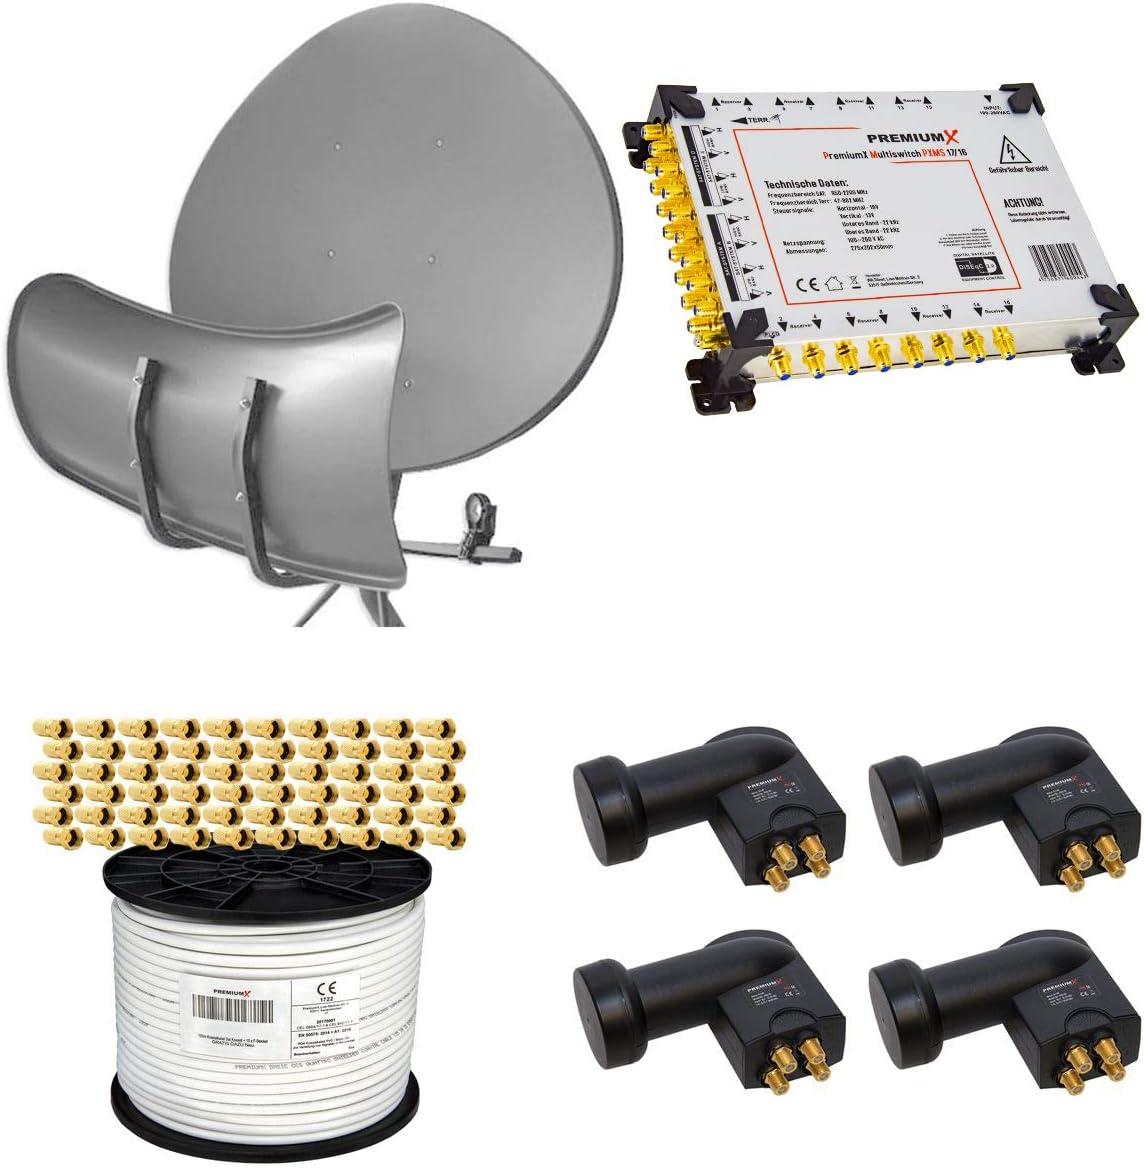 Antena Wave T90 Toroidal en gris + premiumx onda Frontier 16 ...